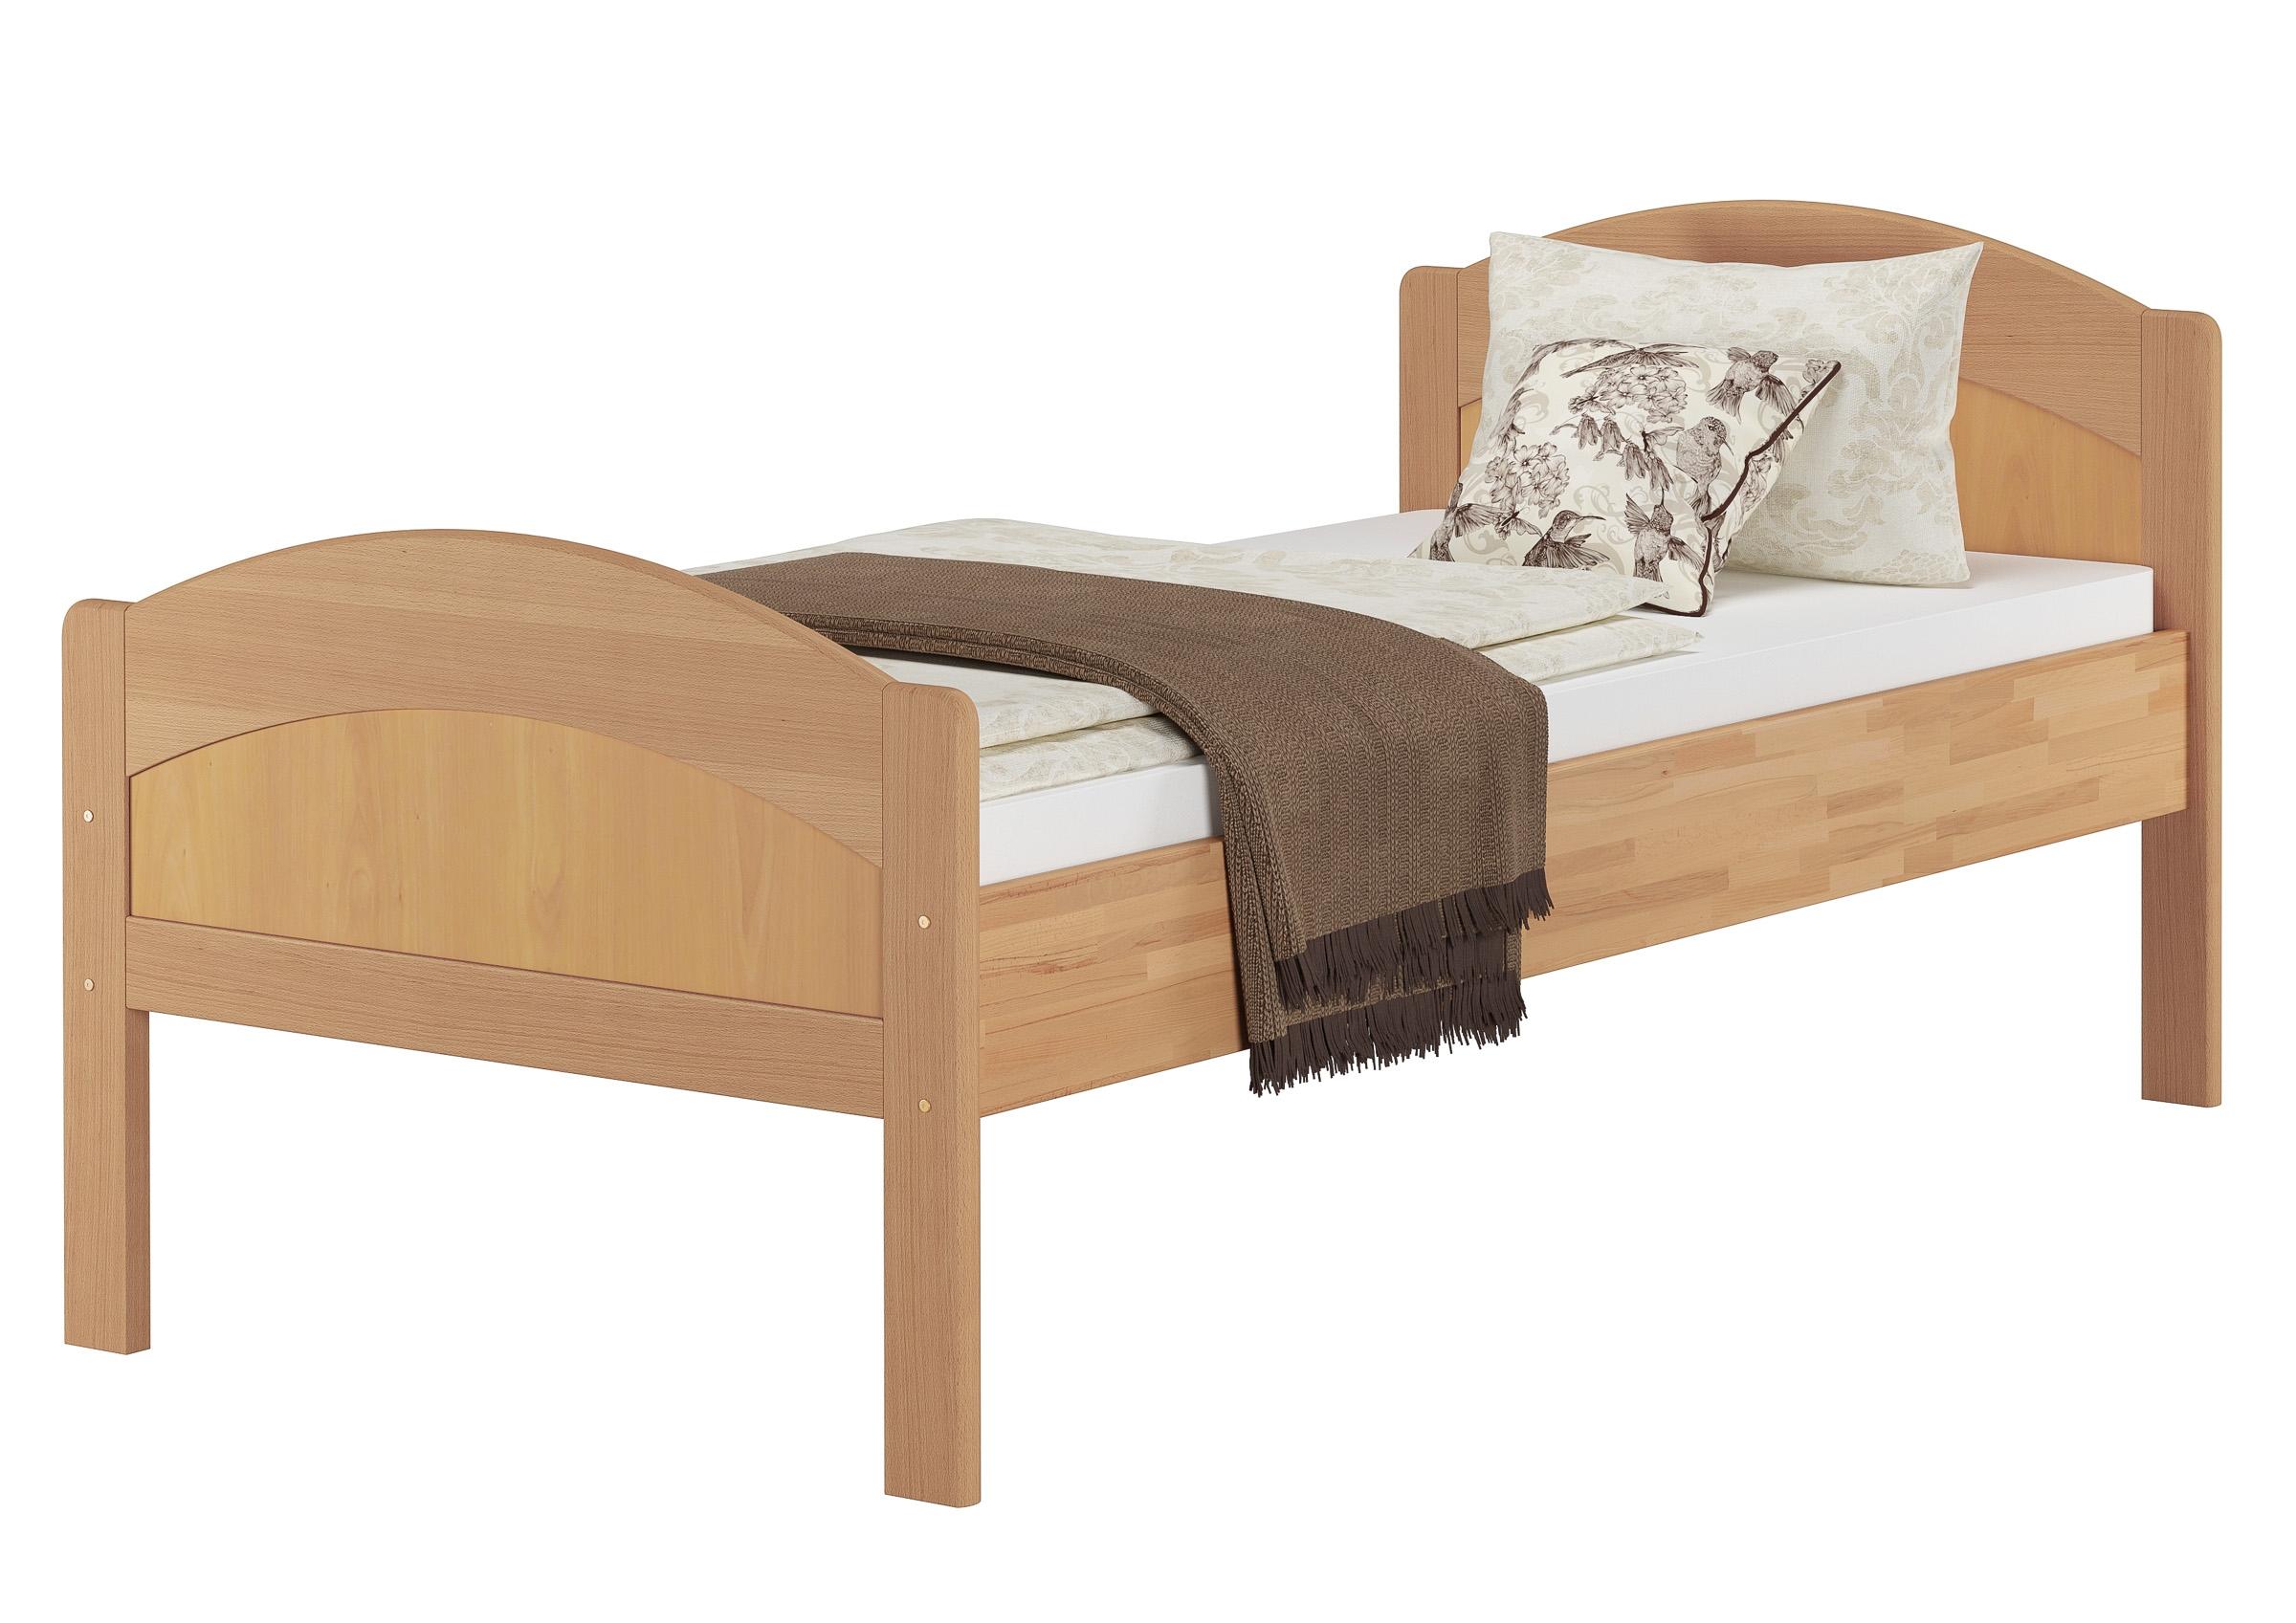 Erst-Holz/® Massivholzbett geschwungenes Seniorenbett Buche Natur 90x200 Einzelbett Bettgestell 60.75-09